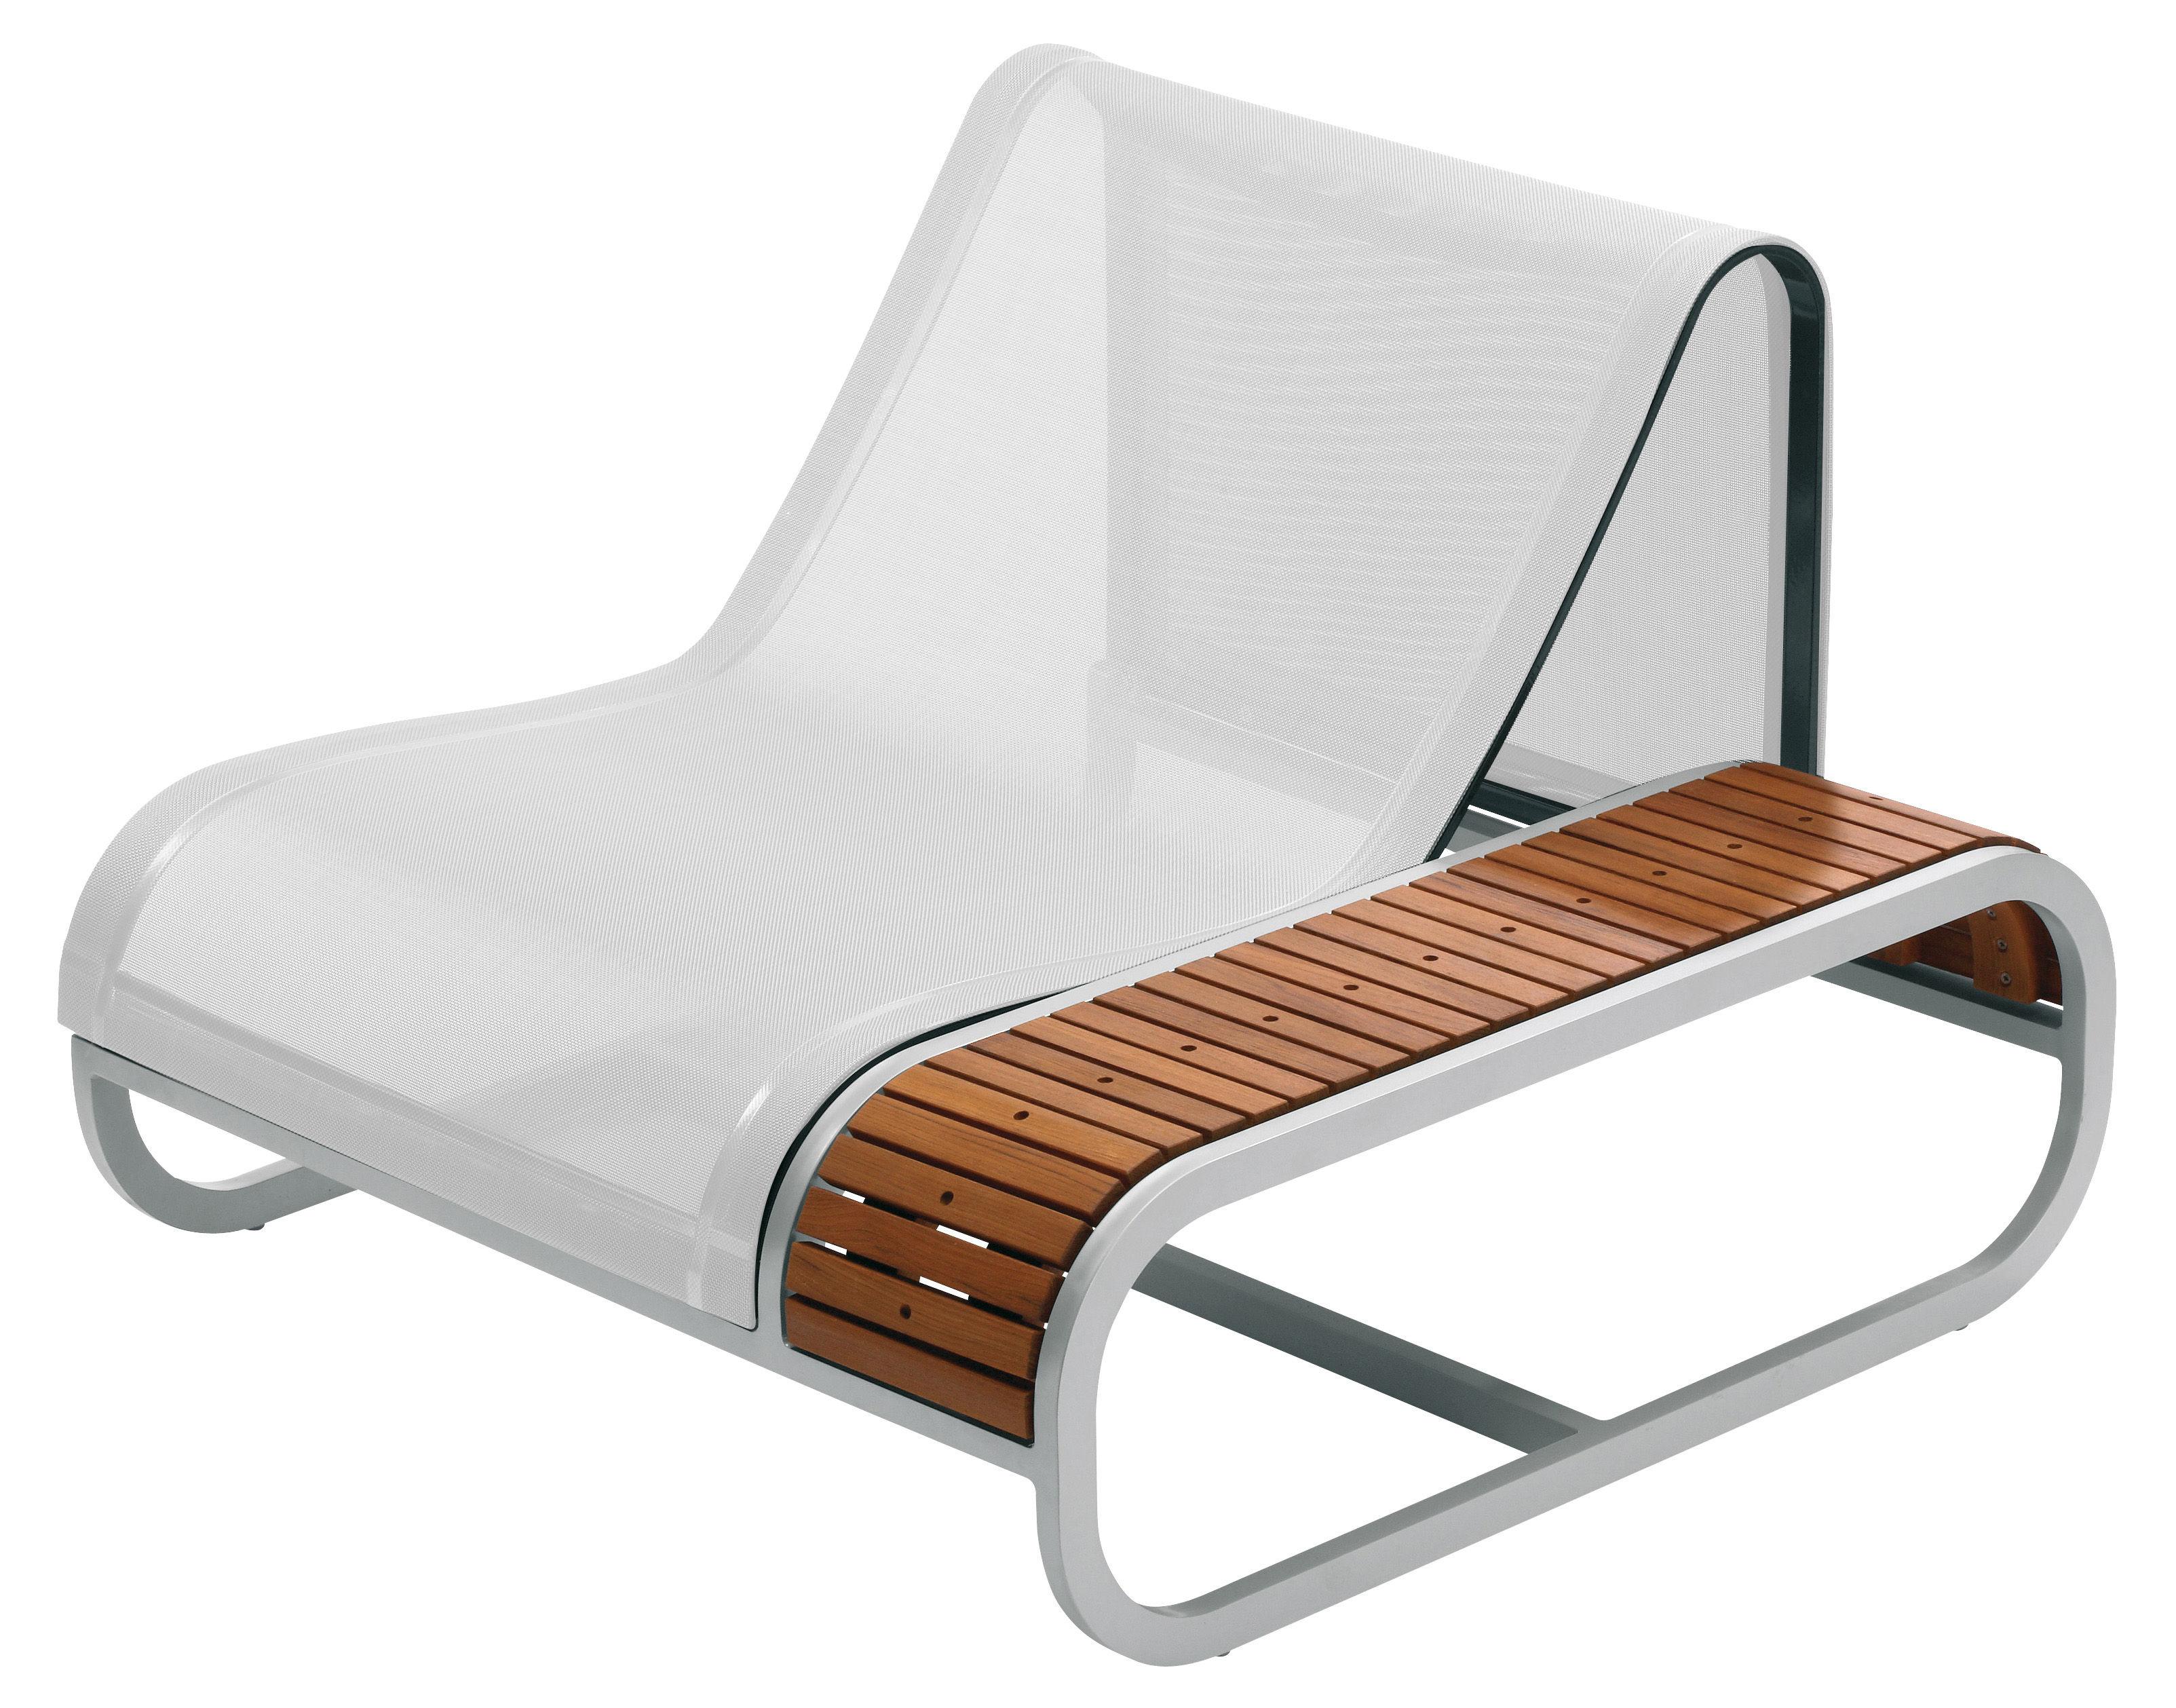 Outdoor - Poltrone - Poltrona Tandem - Versione teck - Bracciolo sinistro di EGO Paris - Teck / Tela bianca - Alluminio laccato, Teck, Tela Batyline